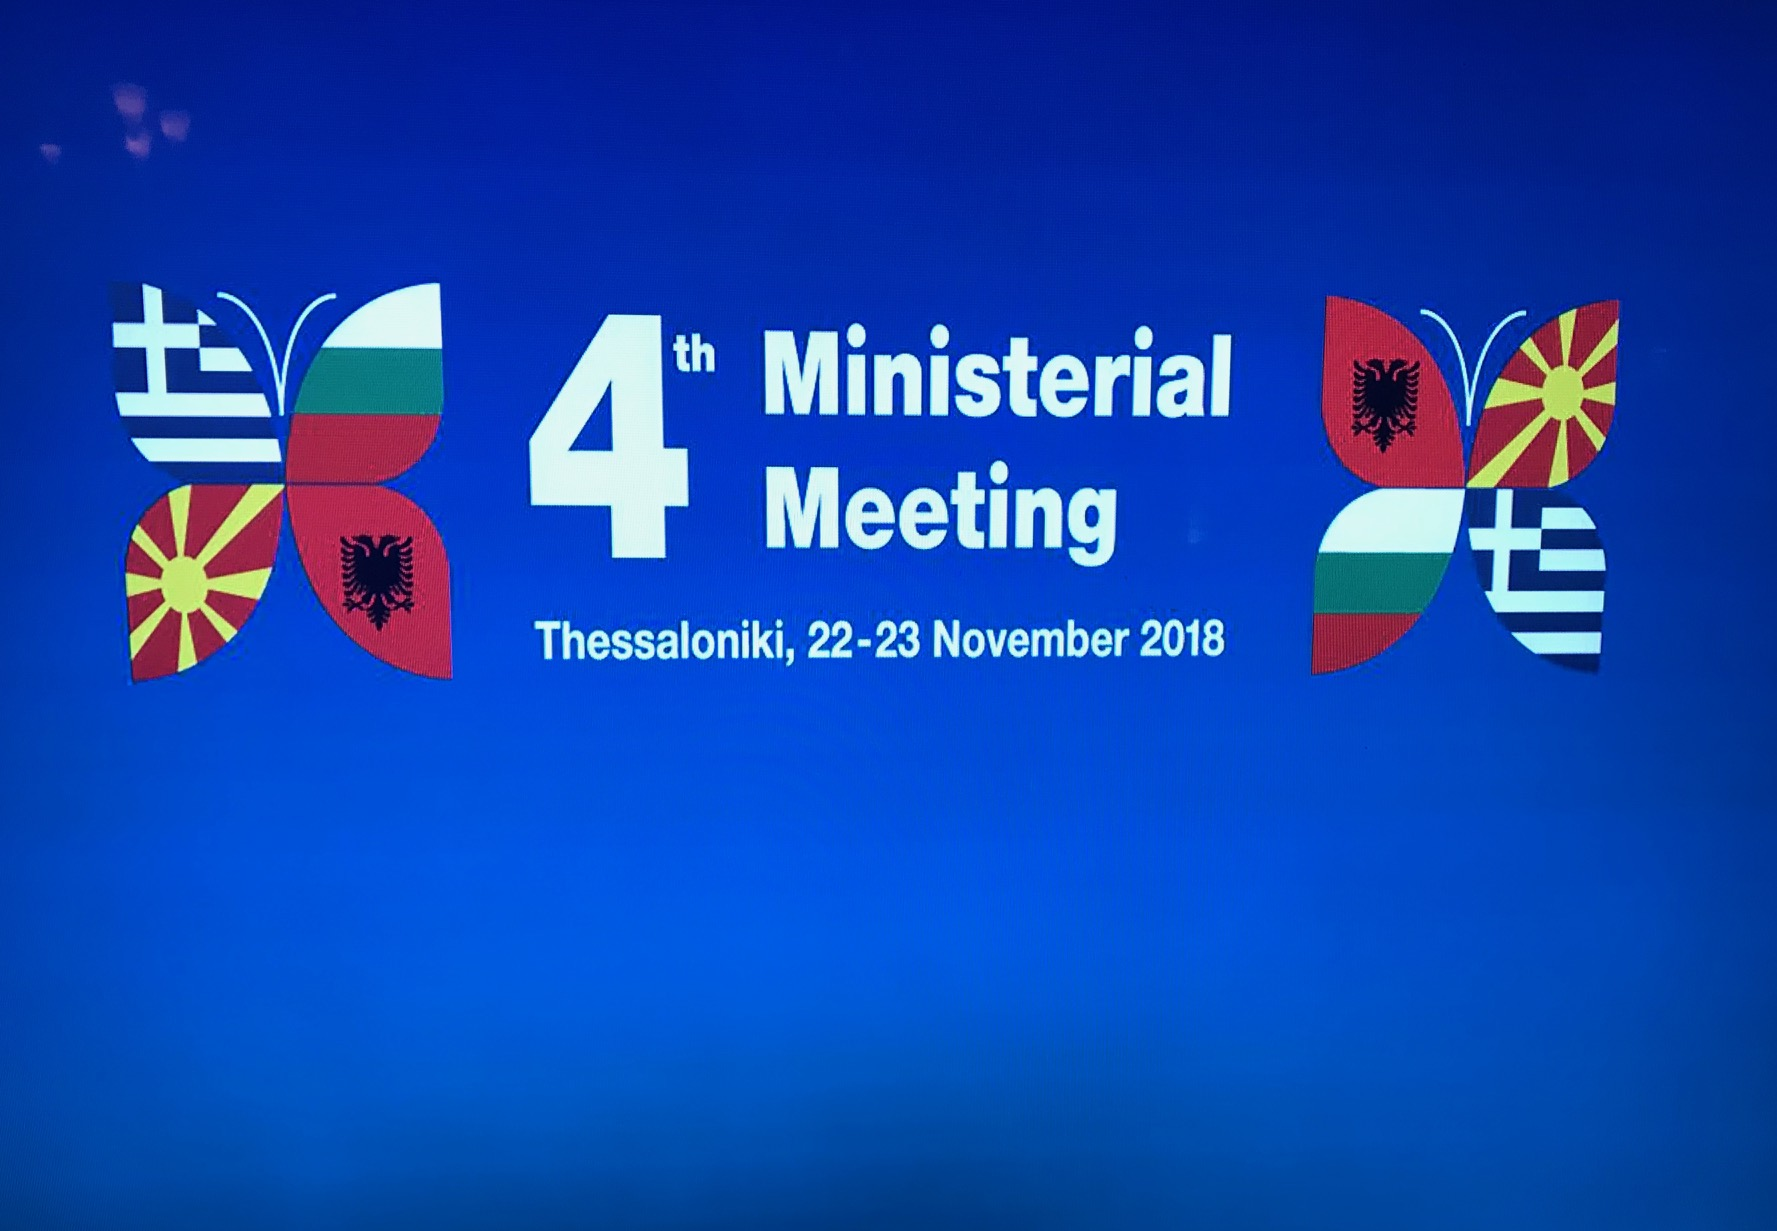 Ξεκινά στη Θεσσαλονίκη η 4η Υπουργική Συνάντηση Ελλάδας, Βουλγαρίας, πΓΔ της Μακεδονίας και Αλβανίας